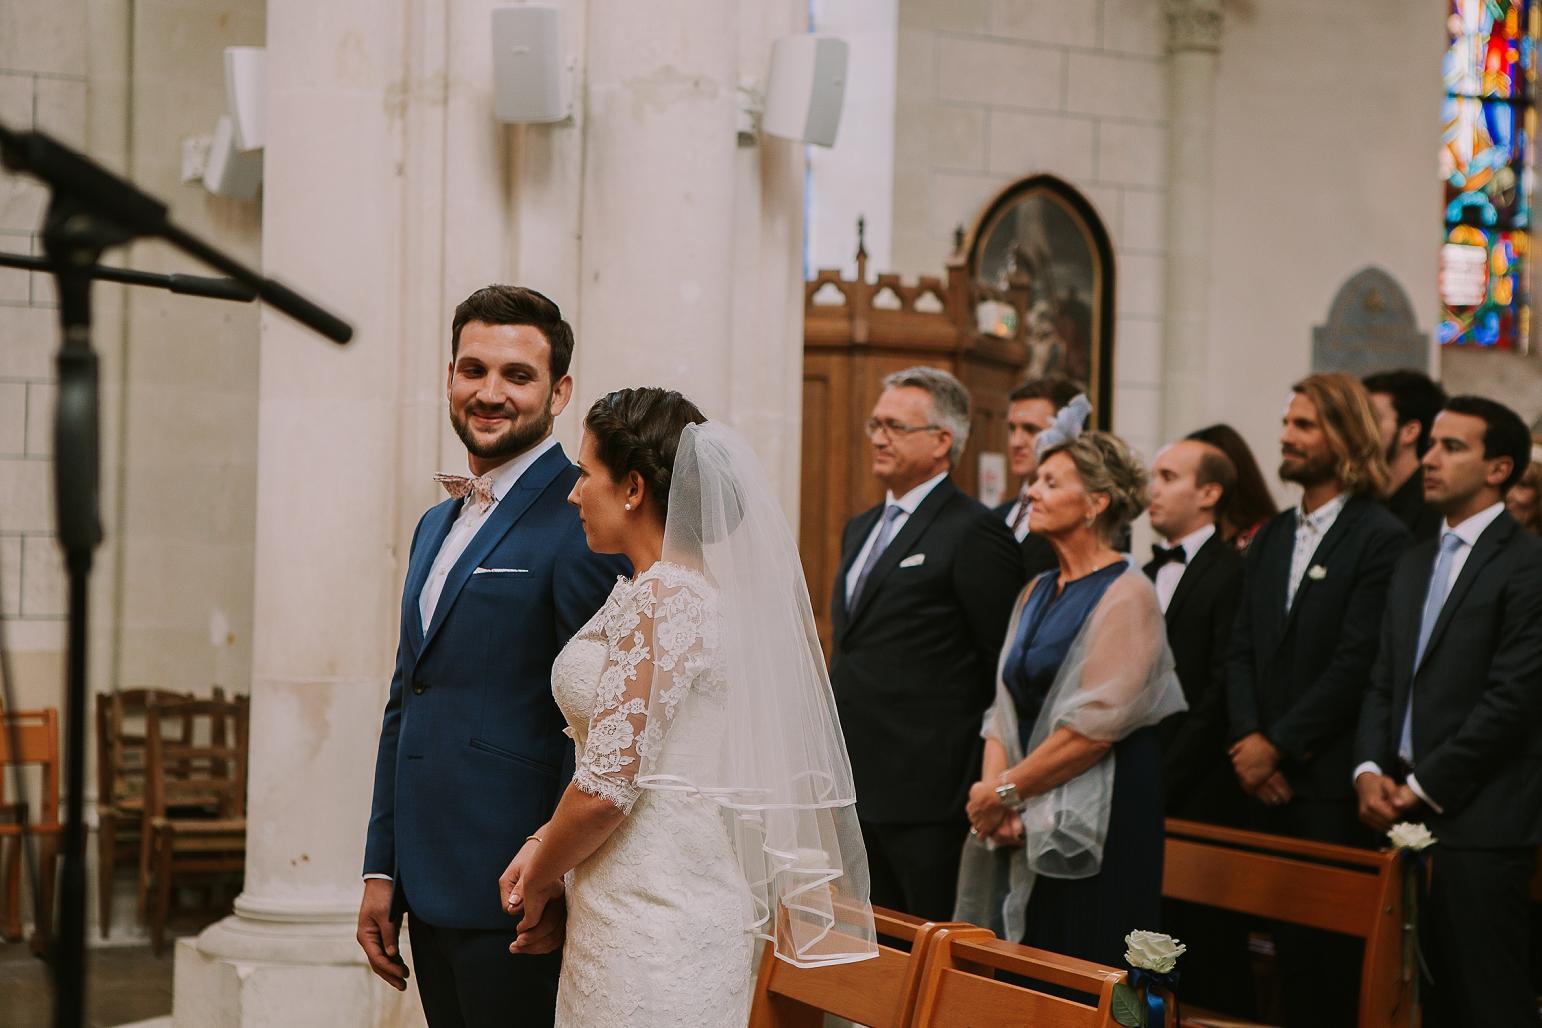 kateryna-photos-mariage-wedding-france-bretagne-pays-de-la-loire-chateau-de-la-colaissiere-st-sauveur-de-landemont_0037.jpg